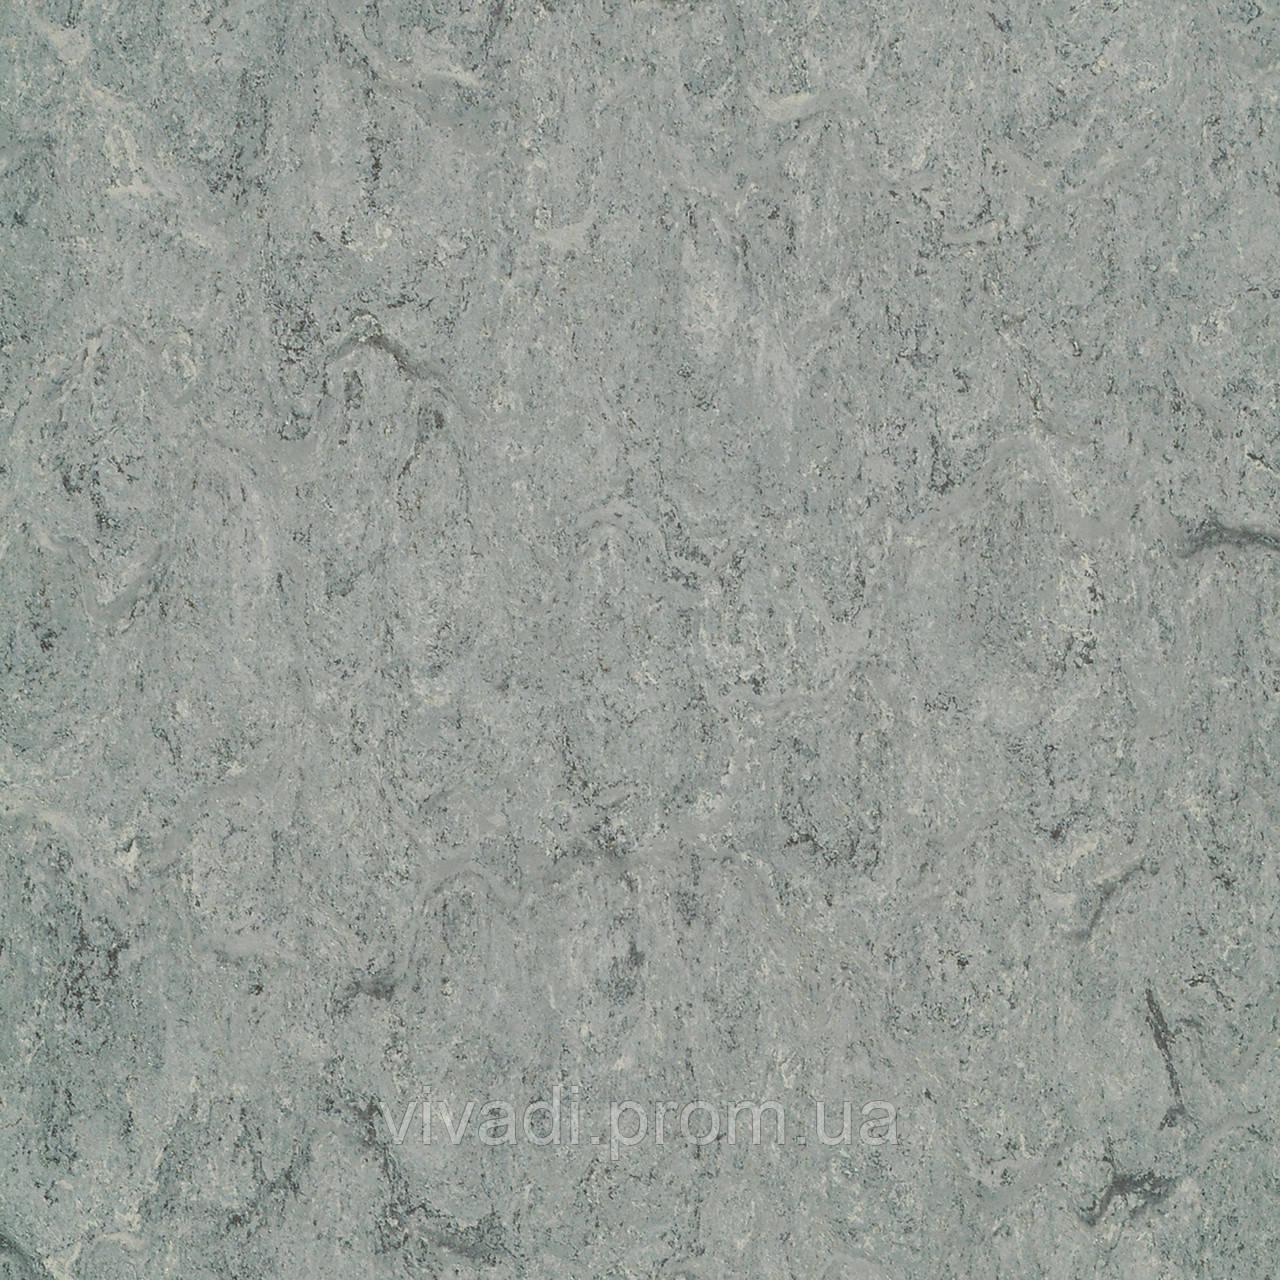 Натуральний лінолеум Marmorette PUR - колір 125-053